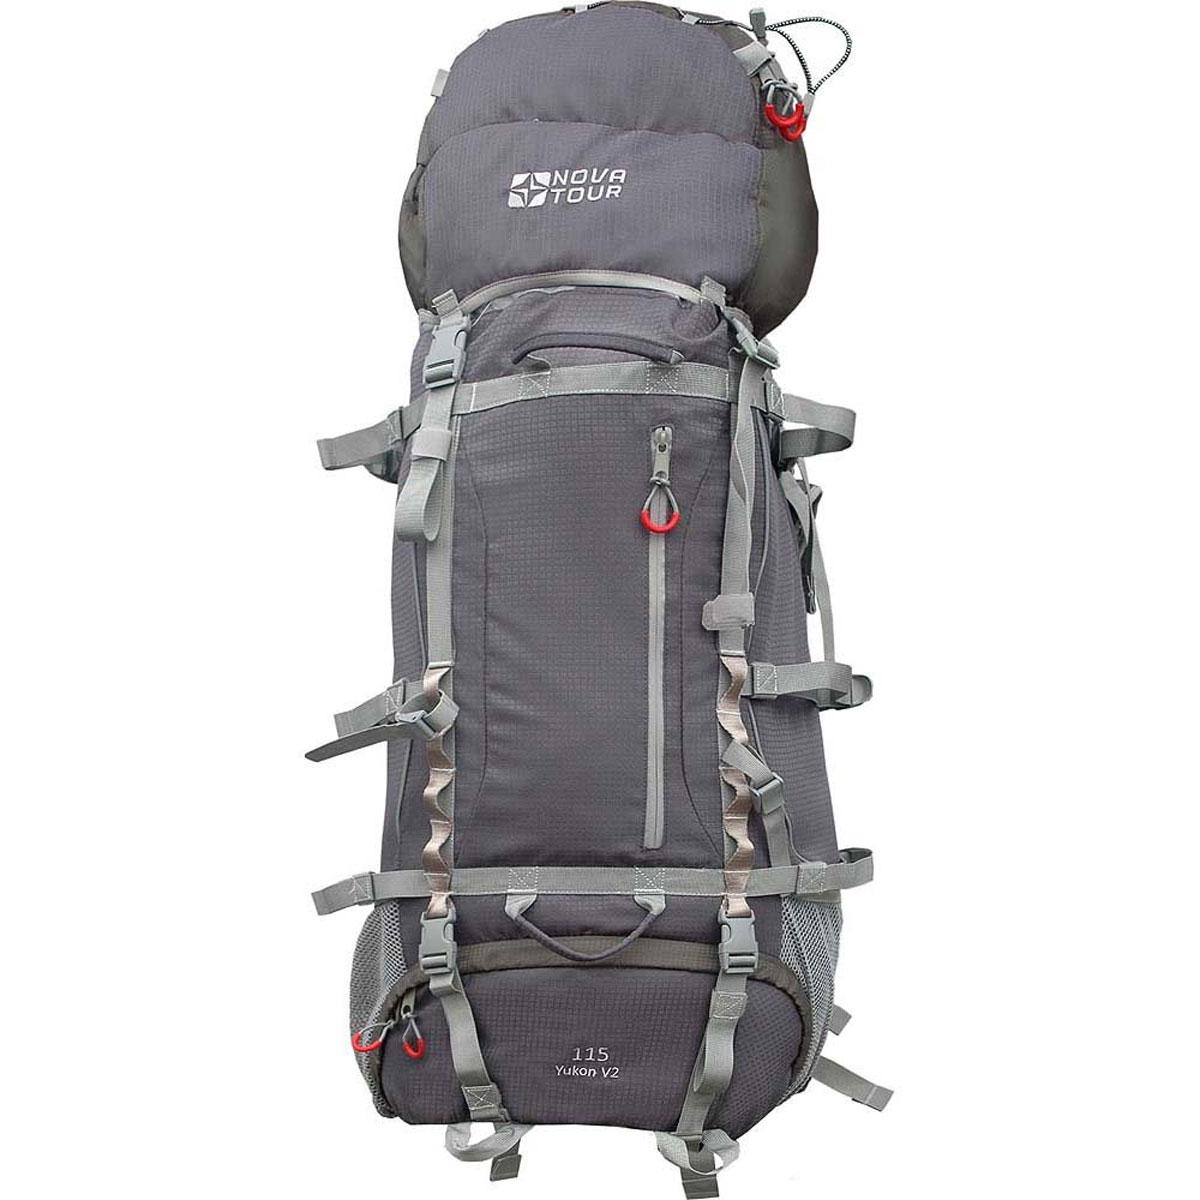 """Рюкзак туристический  Nova Tour """"Юкон 115 V2"""", цвет: серый, оливковый. 11213-560-00"""